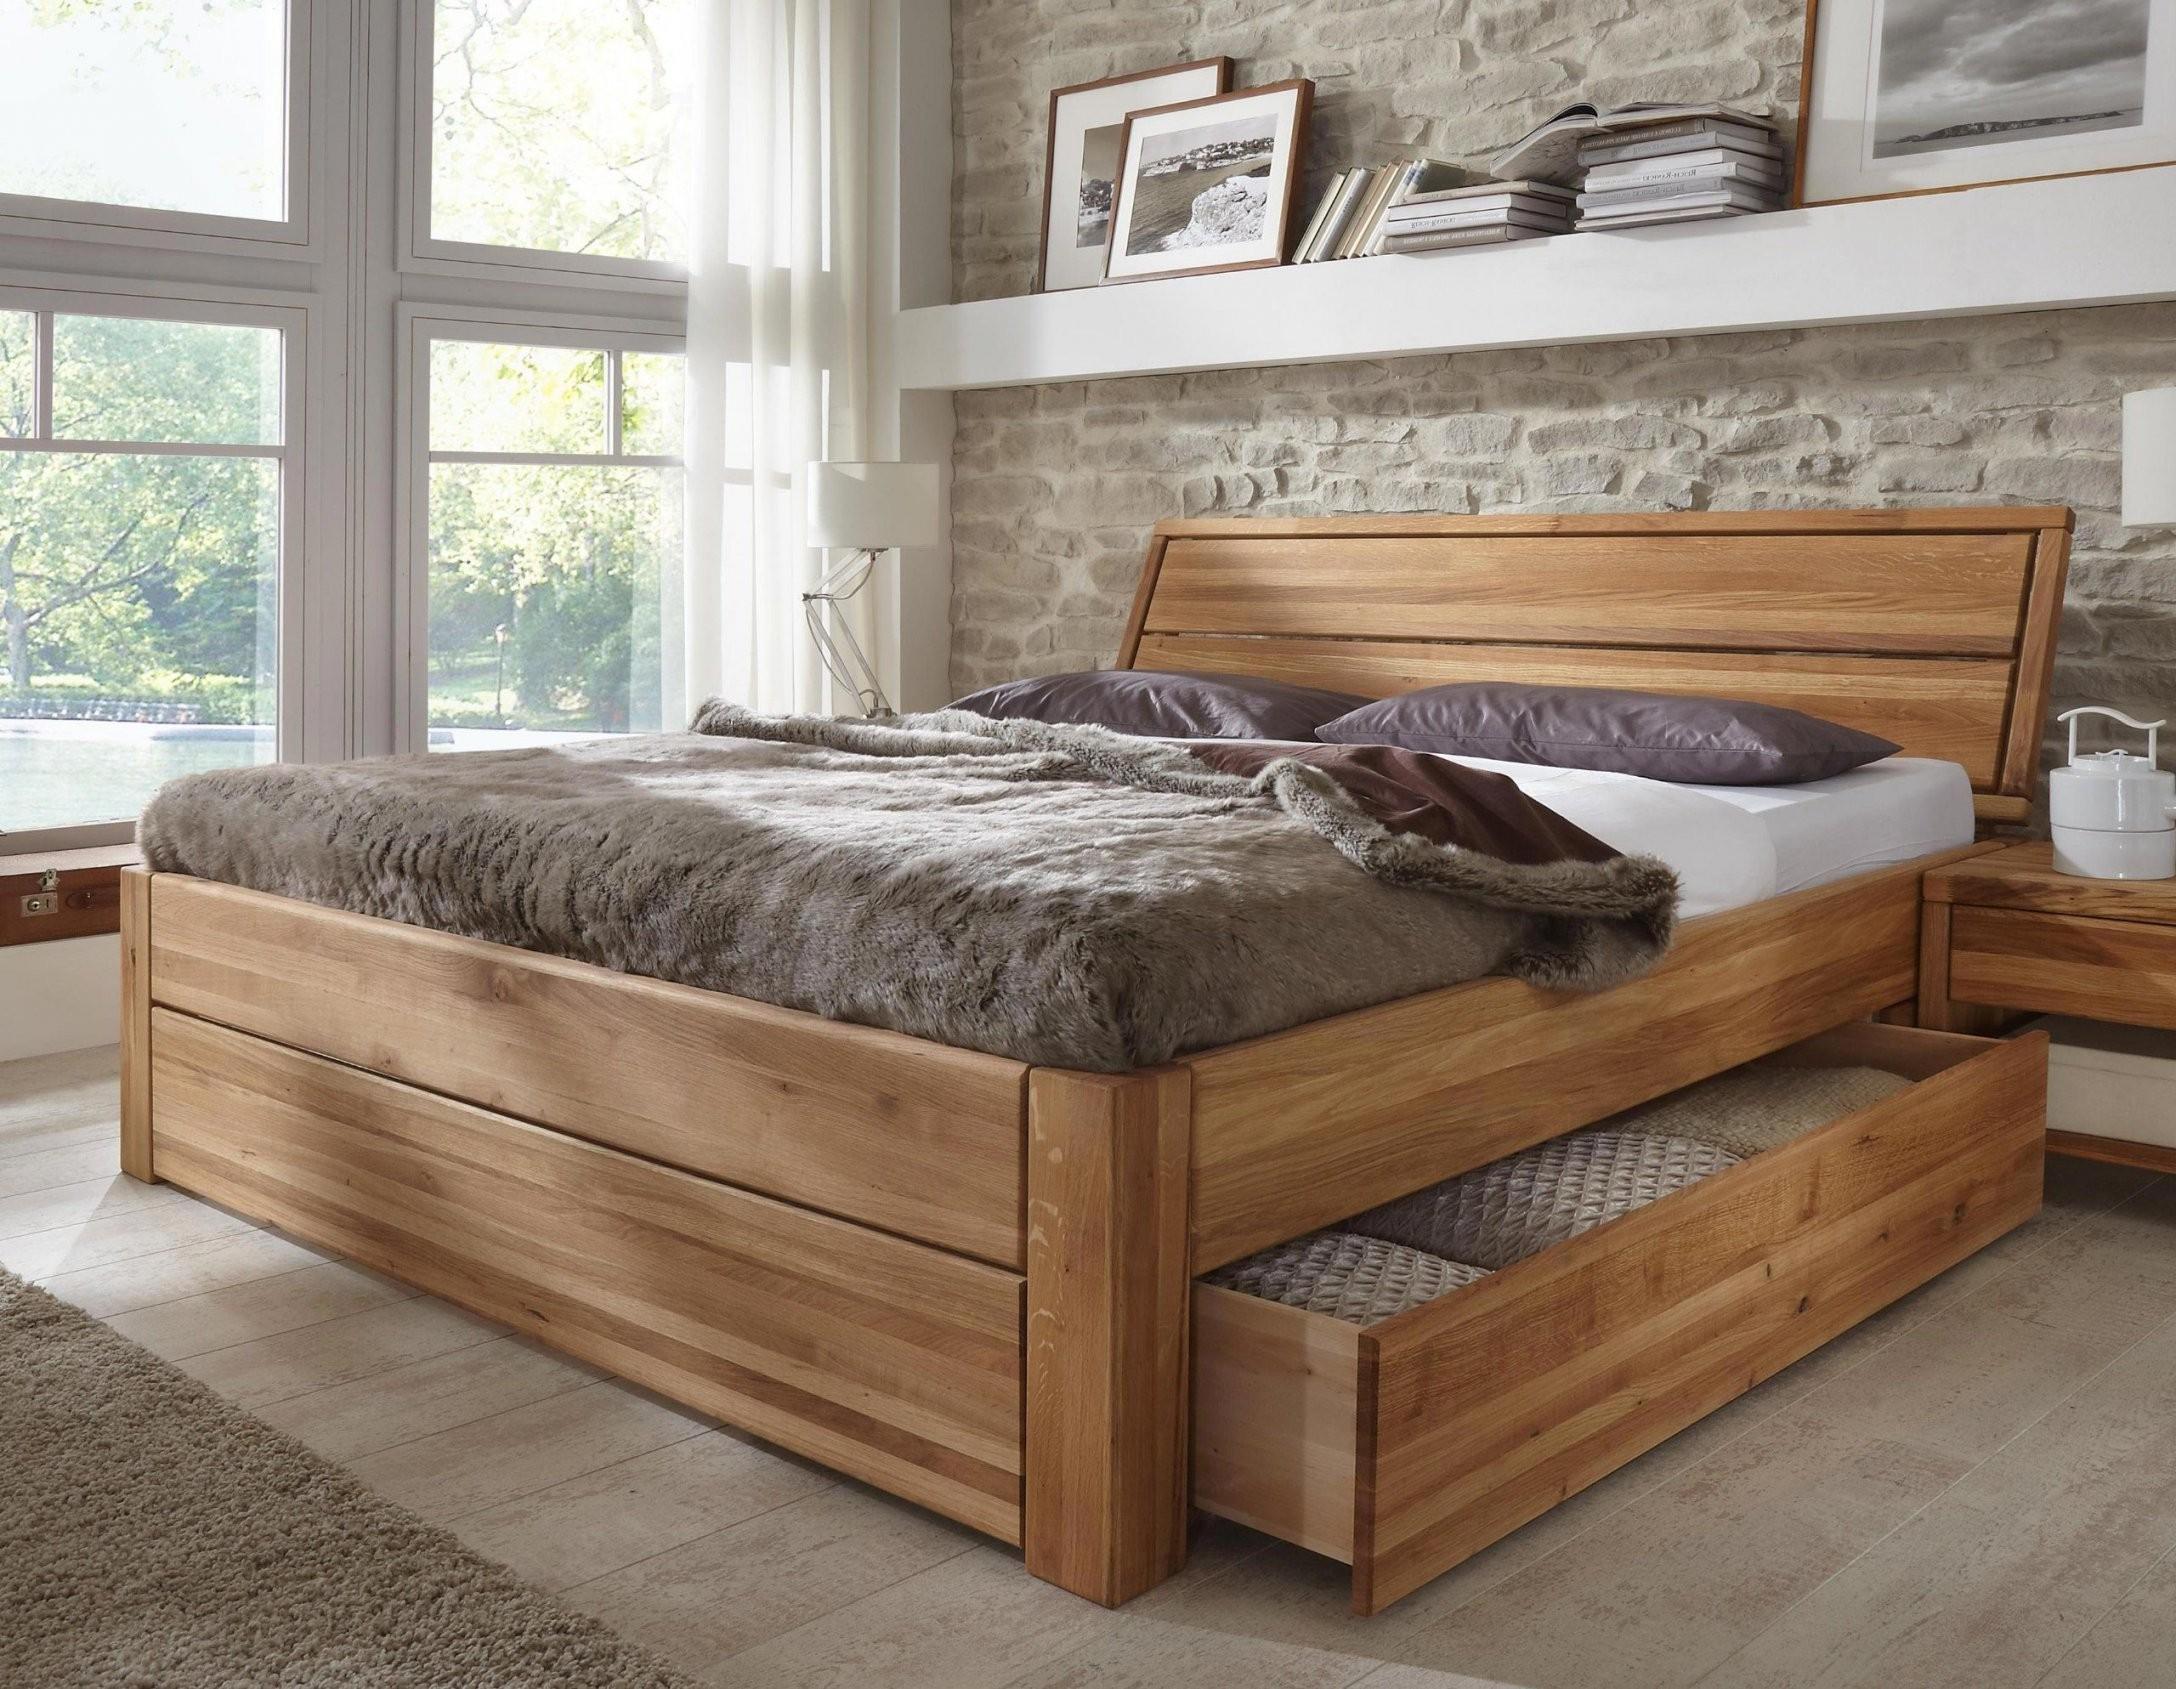 Stilbetten Bett Holzbetten Massivholzbett Tarija Mit Stauraum Eiche von Bett 160X200 Mit Stauraum Bild